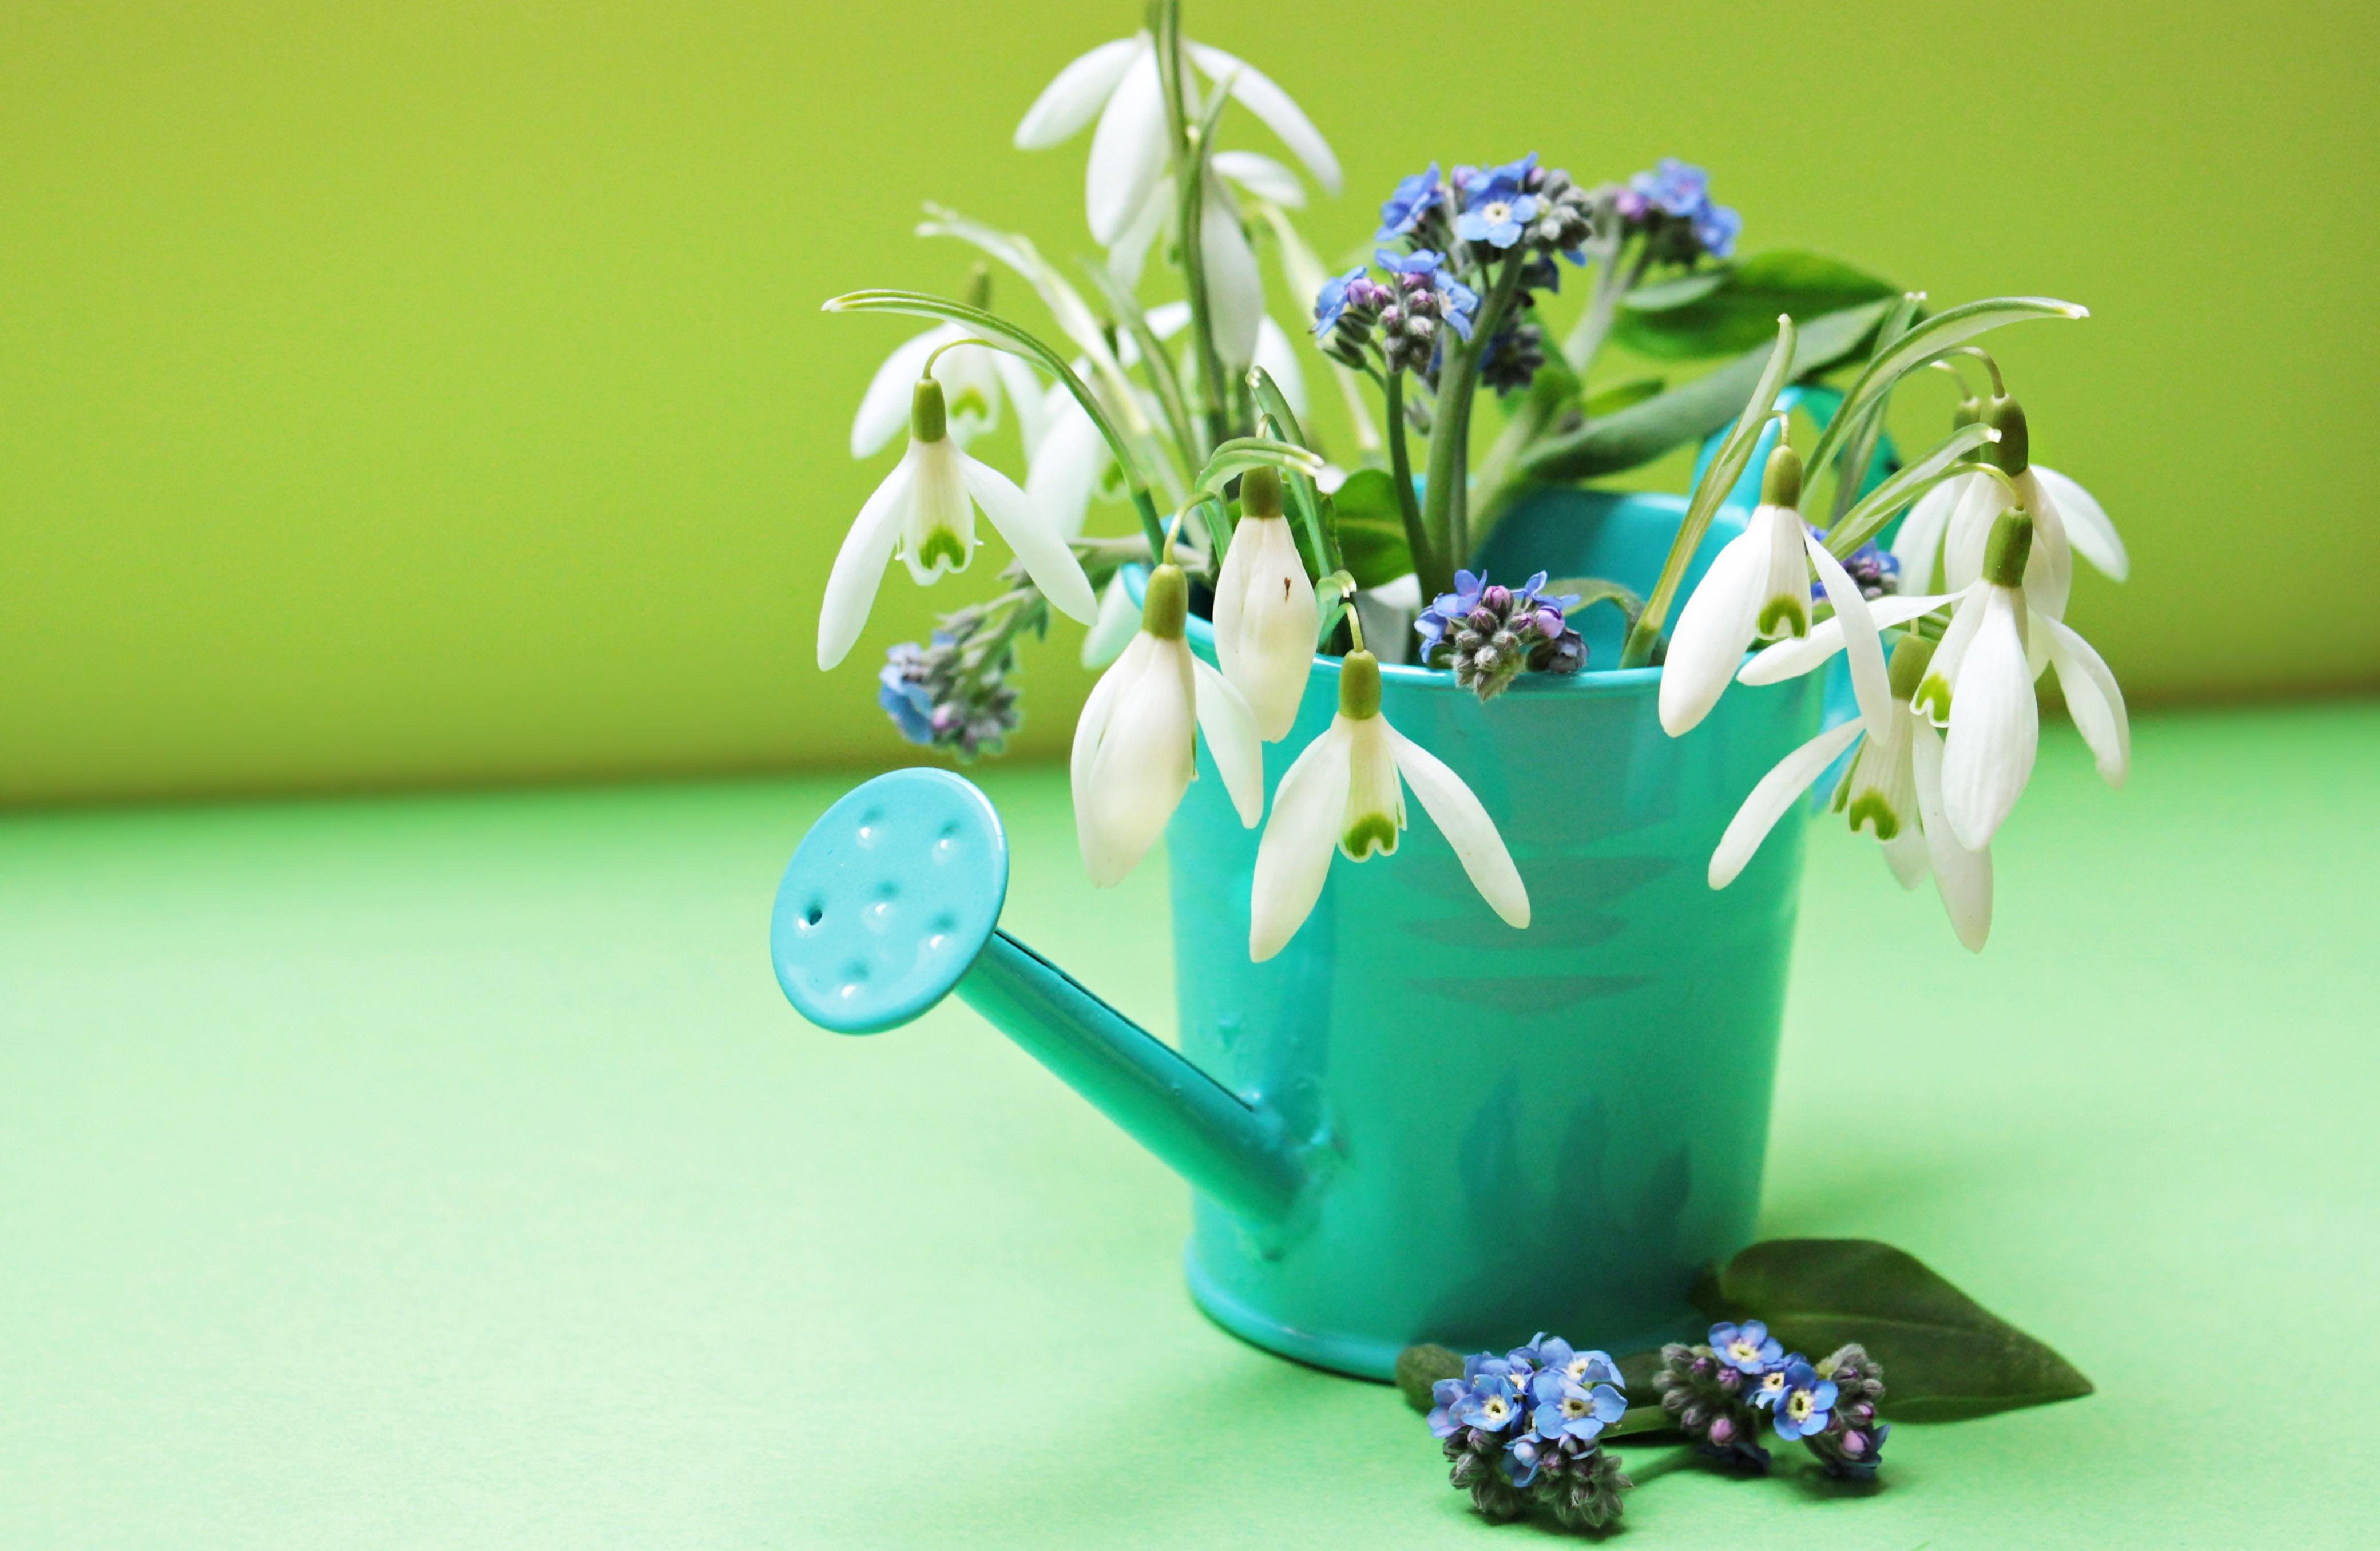 Poze Plantă Alb Floare A Inflori Vază Decor Arc